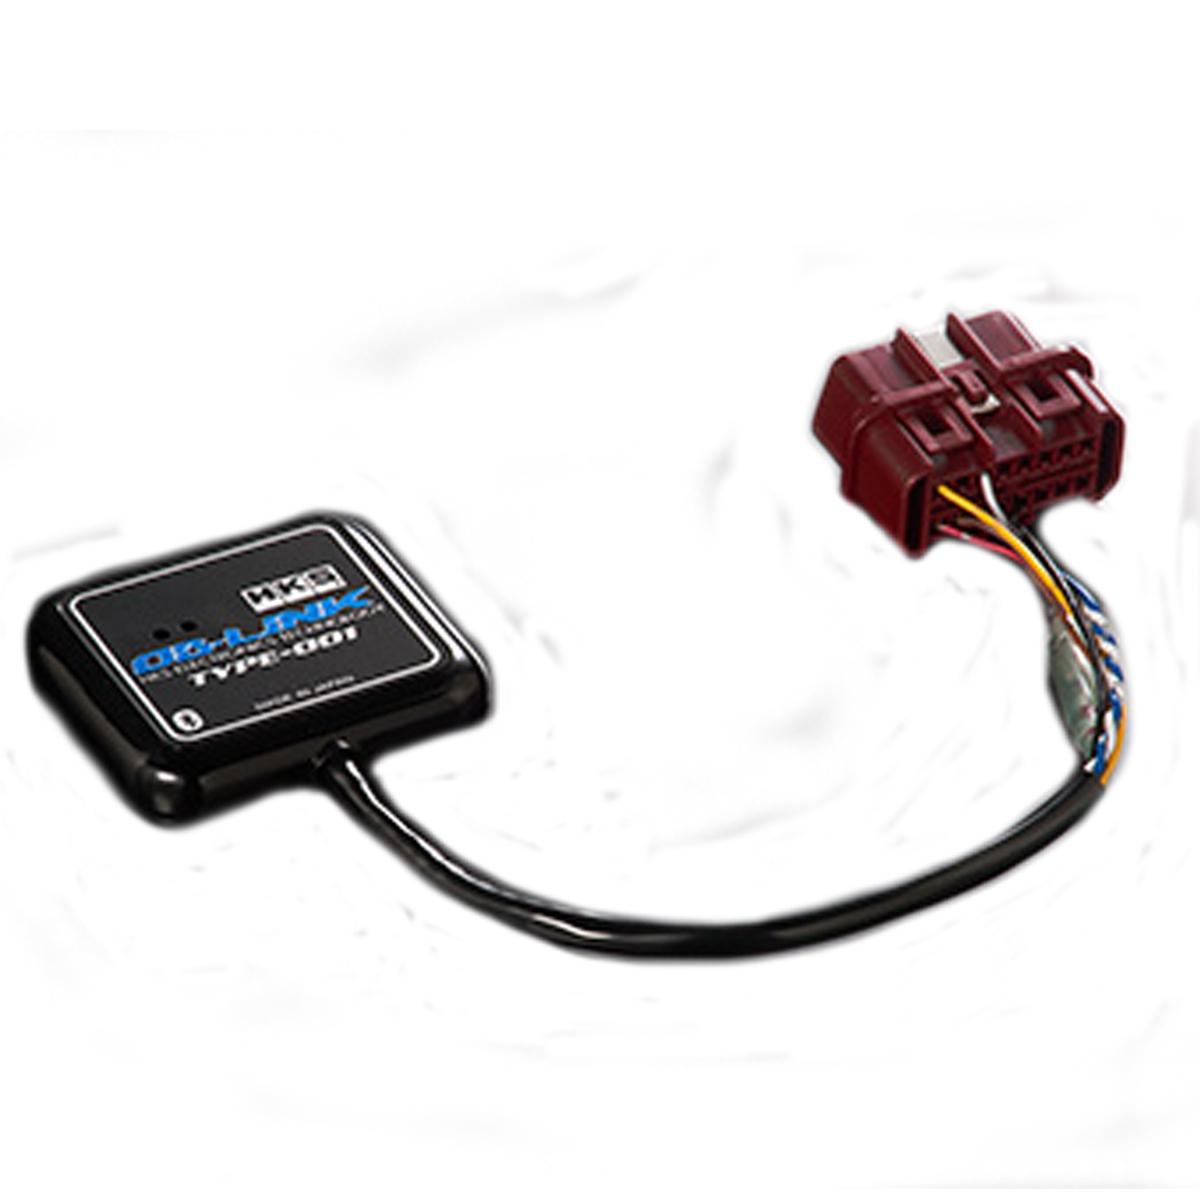 ノア モニター OBリンク タイプ 001 SR50G HKS 44009-AK002 エレクトリニクス 個人宅発送追金有